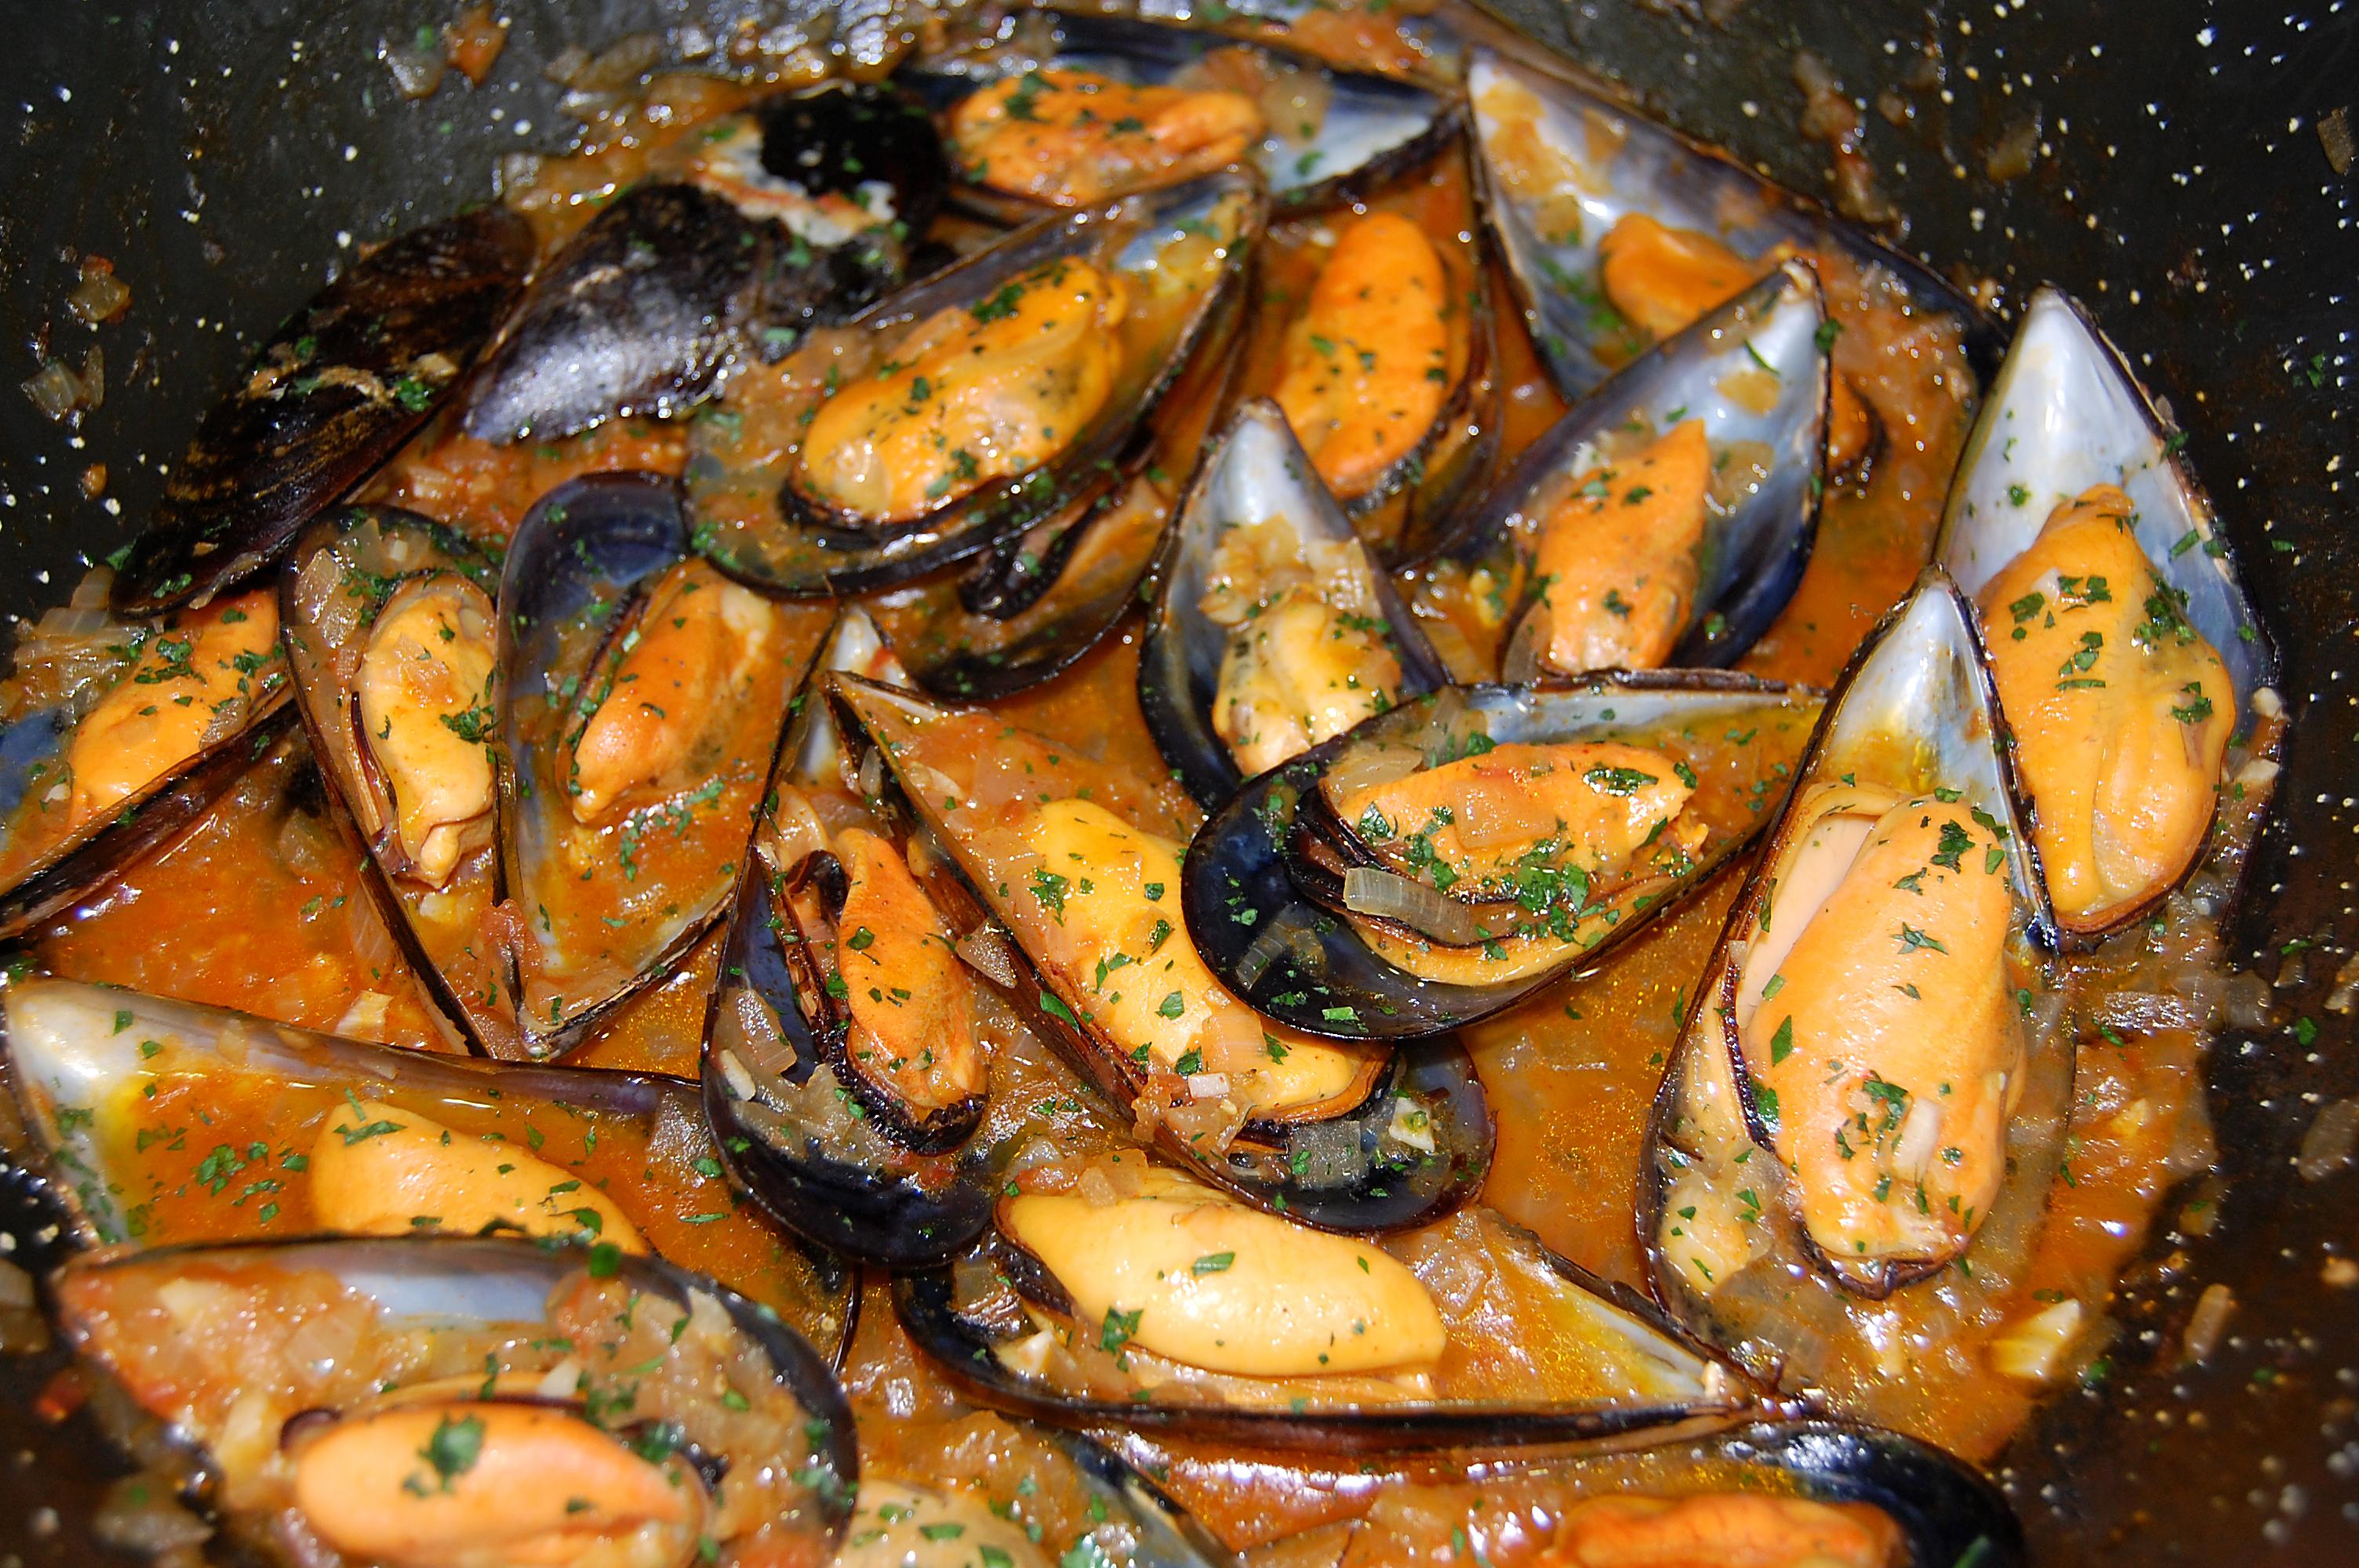 Mejillones en salsa marinera la vida y sus detalles for Hacer salsa marinera